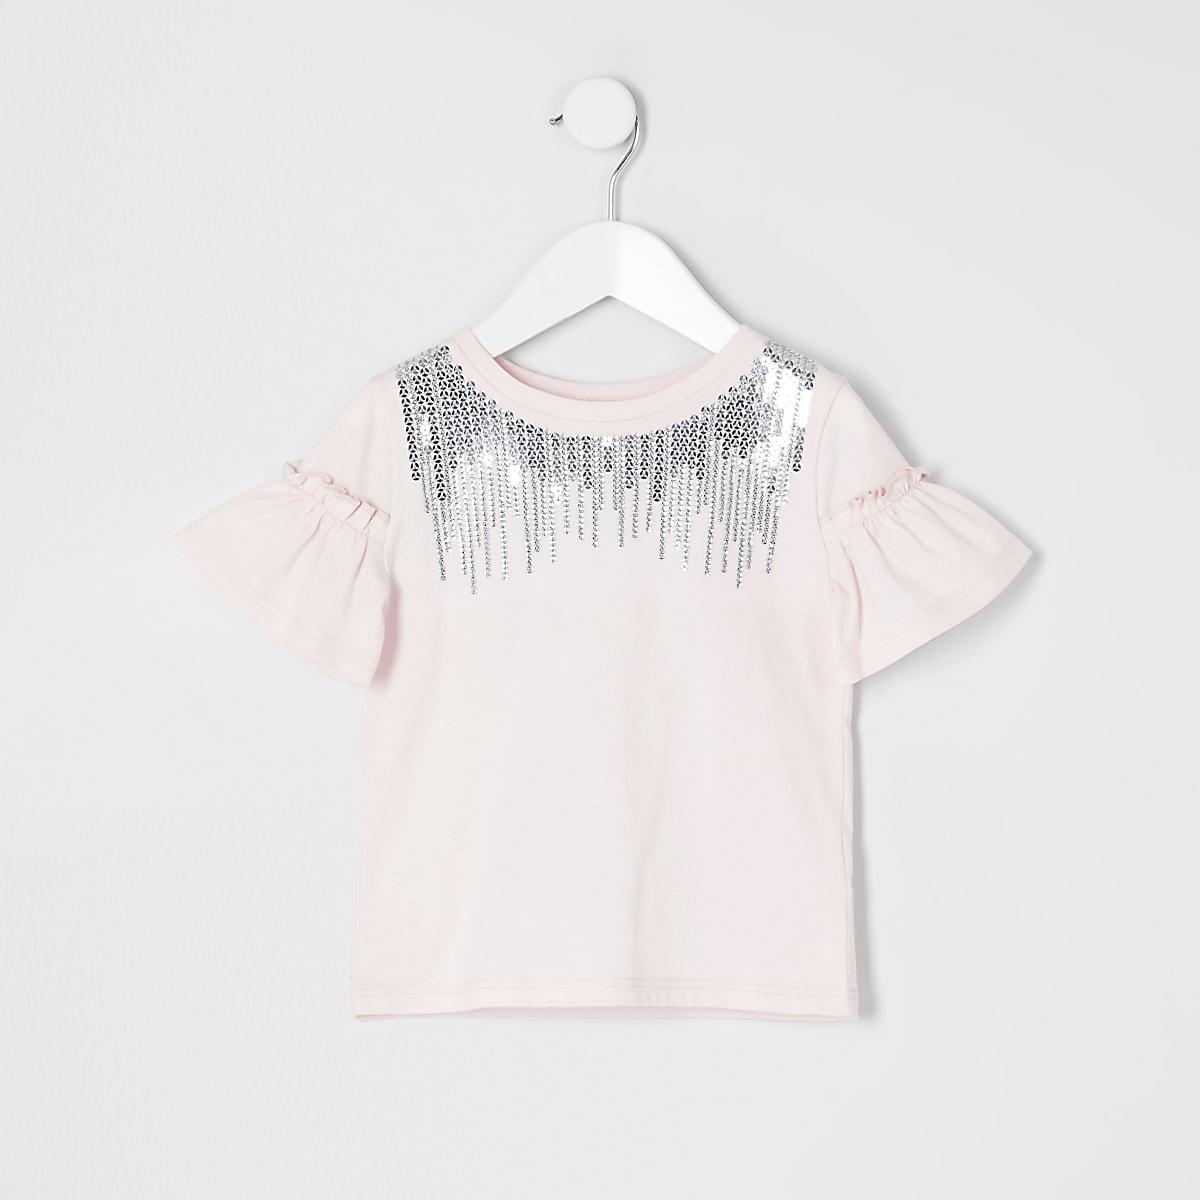 Mini - Roze T-shirt met lovertjes rond hals voor meisjes